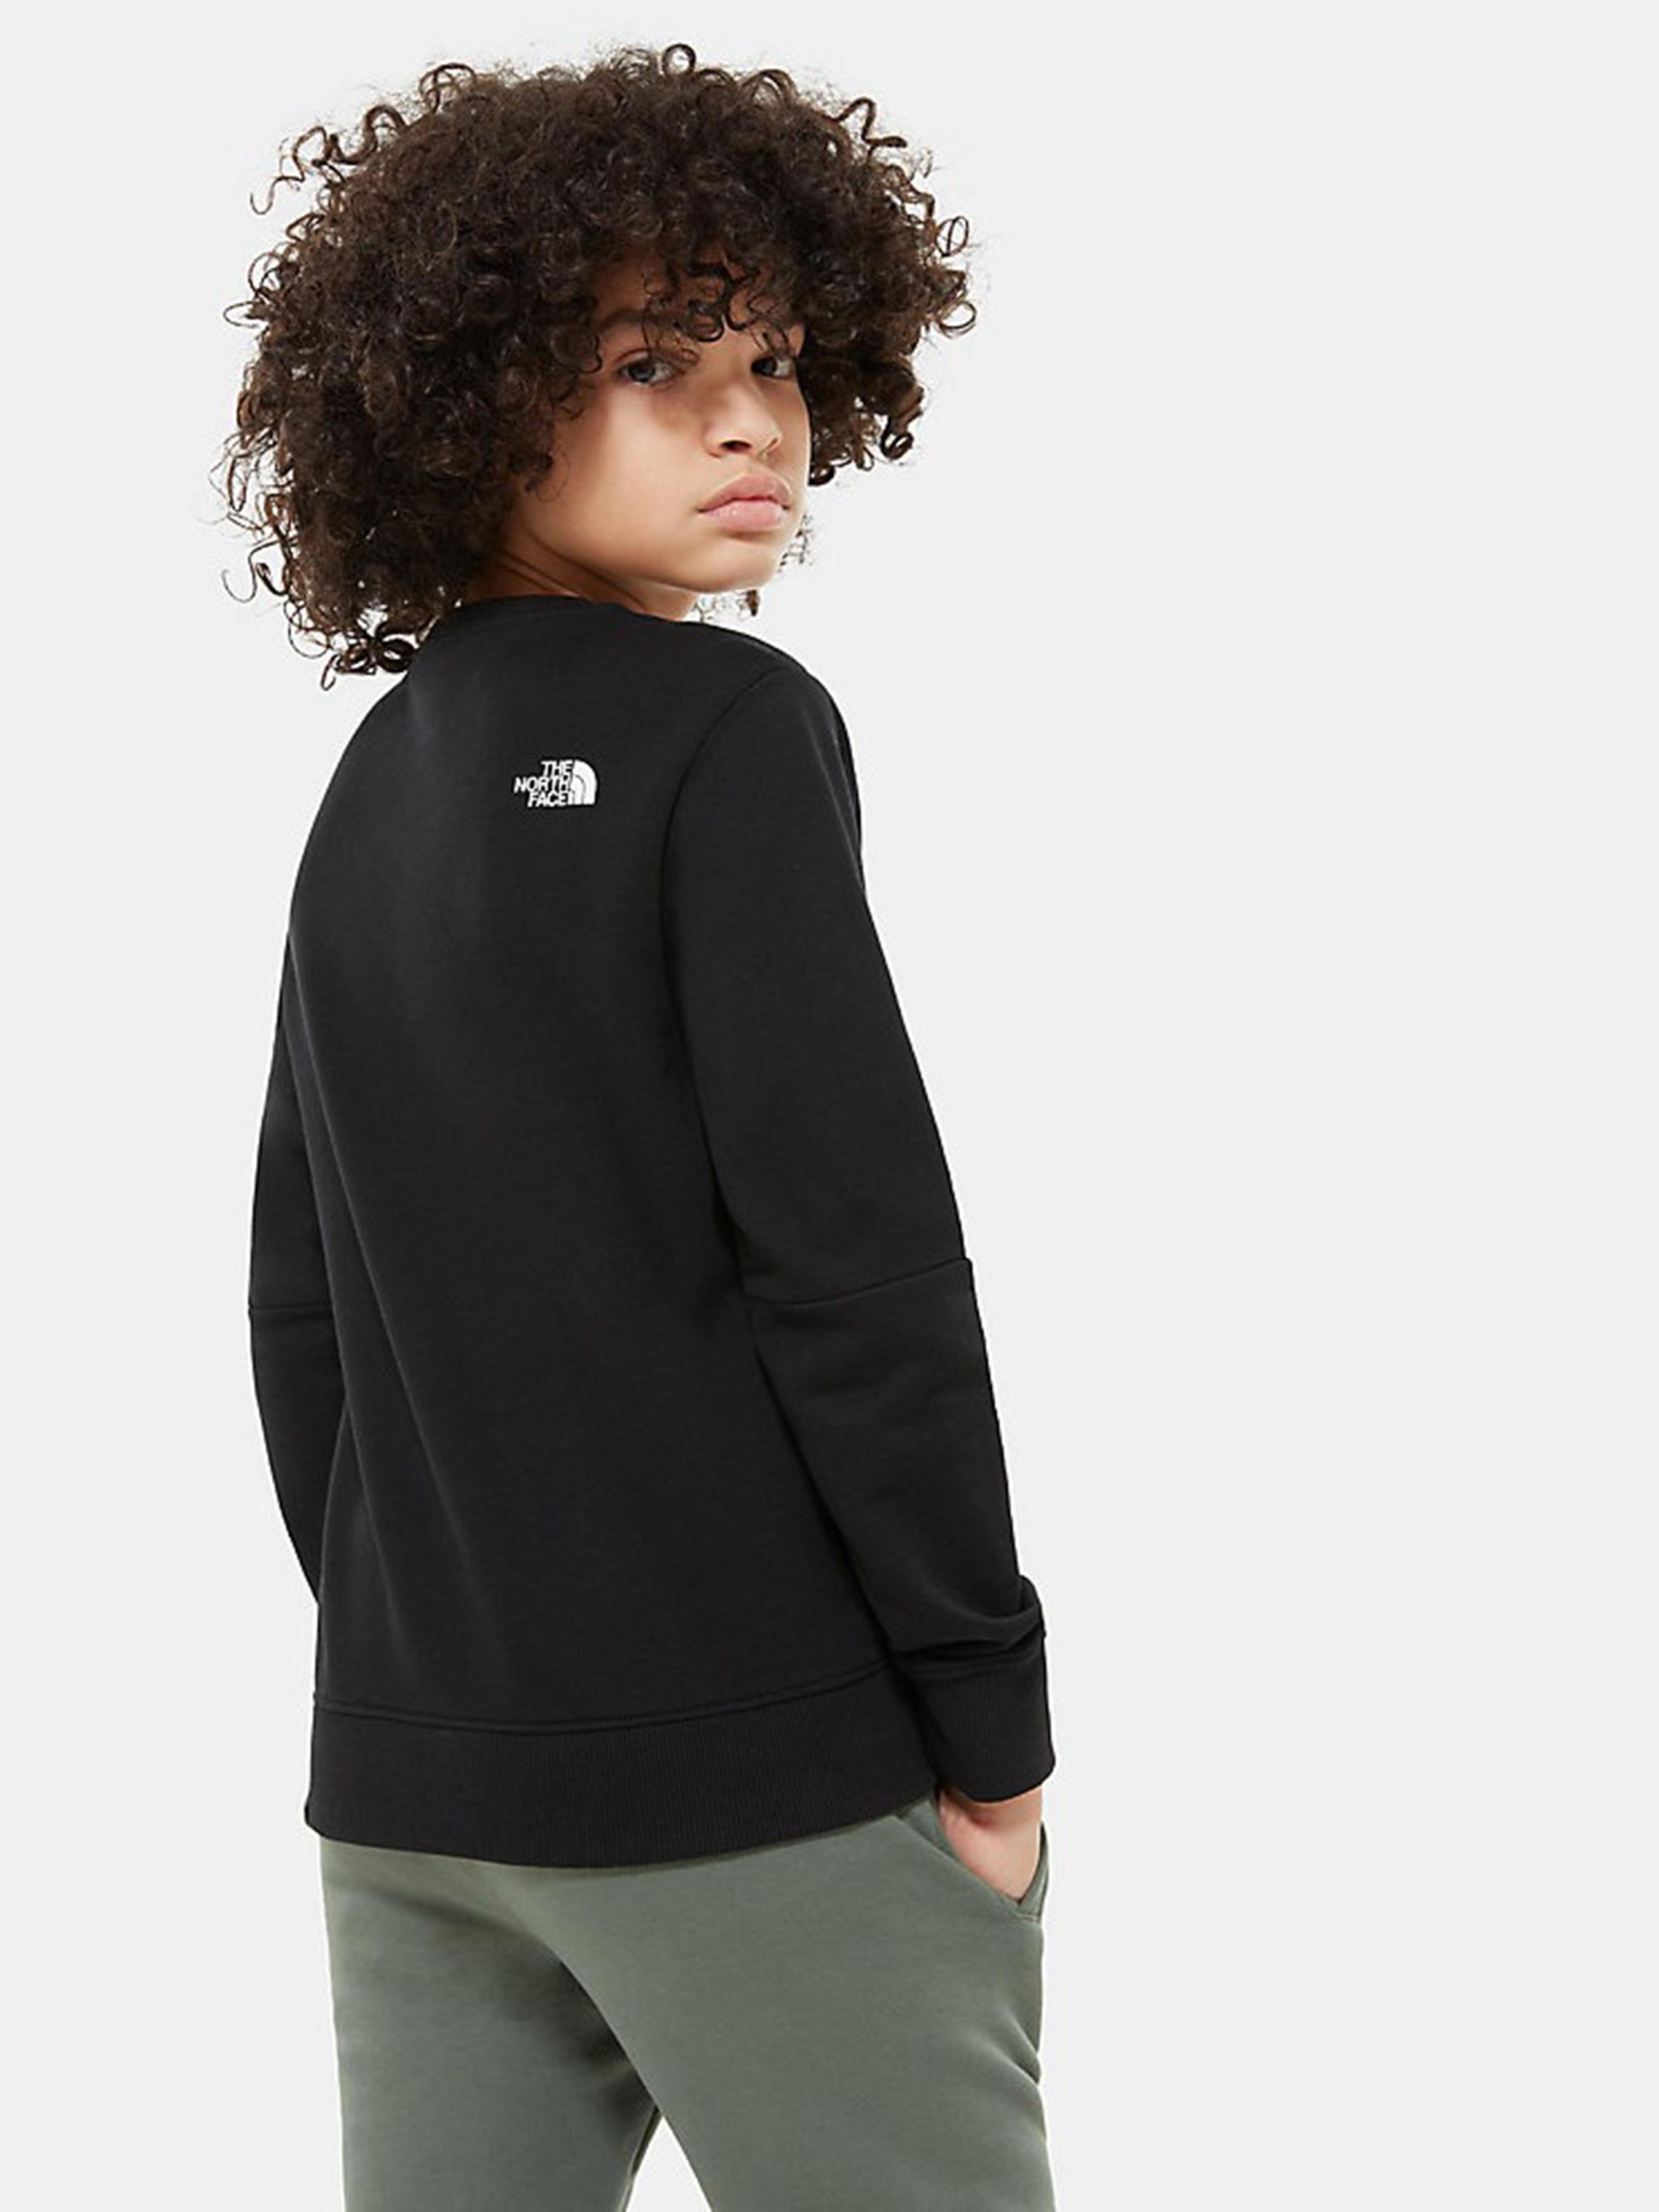 Кофты и свитера детские The North Face модель 7Y133 купить, 2017